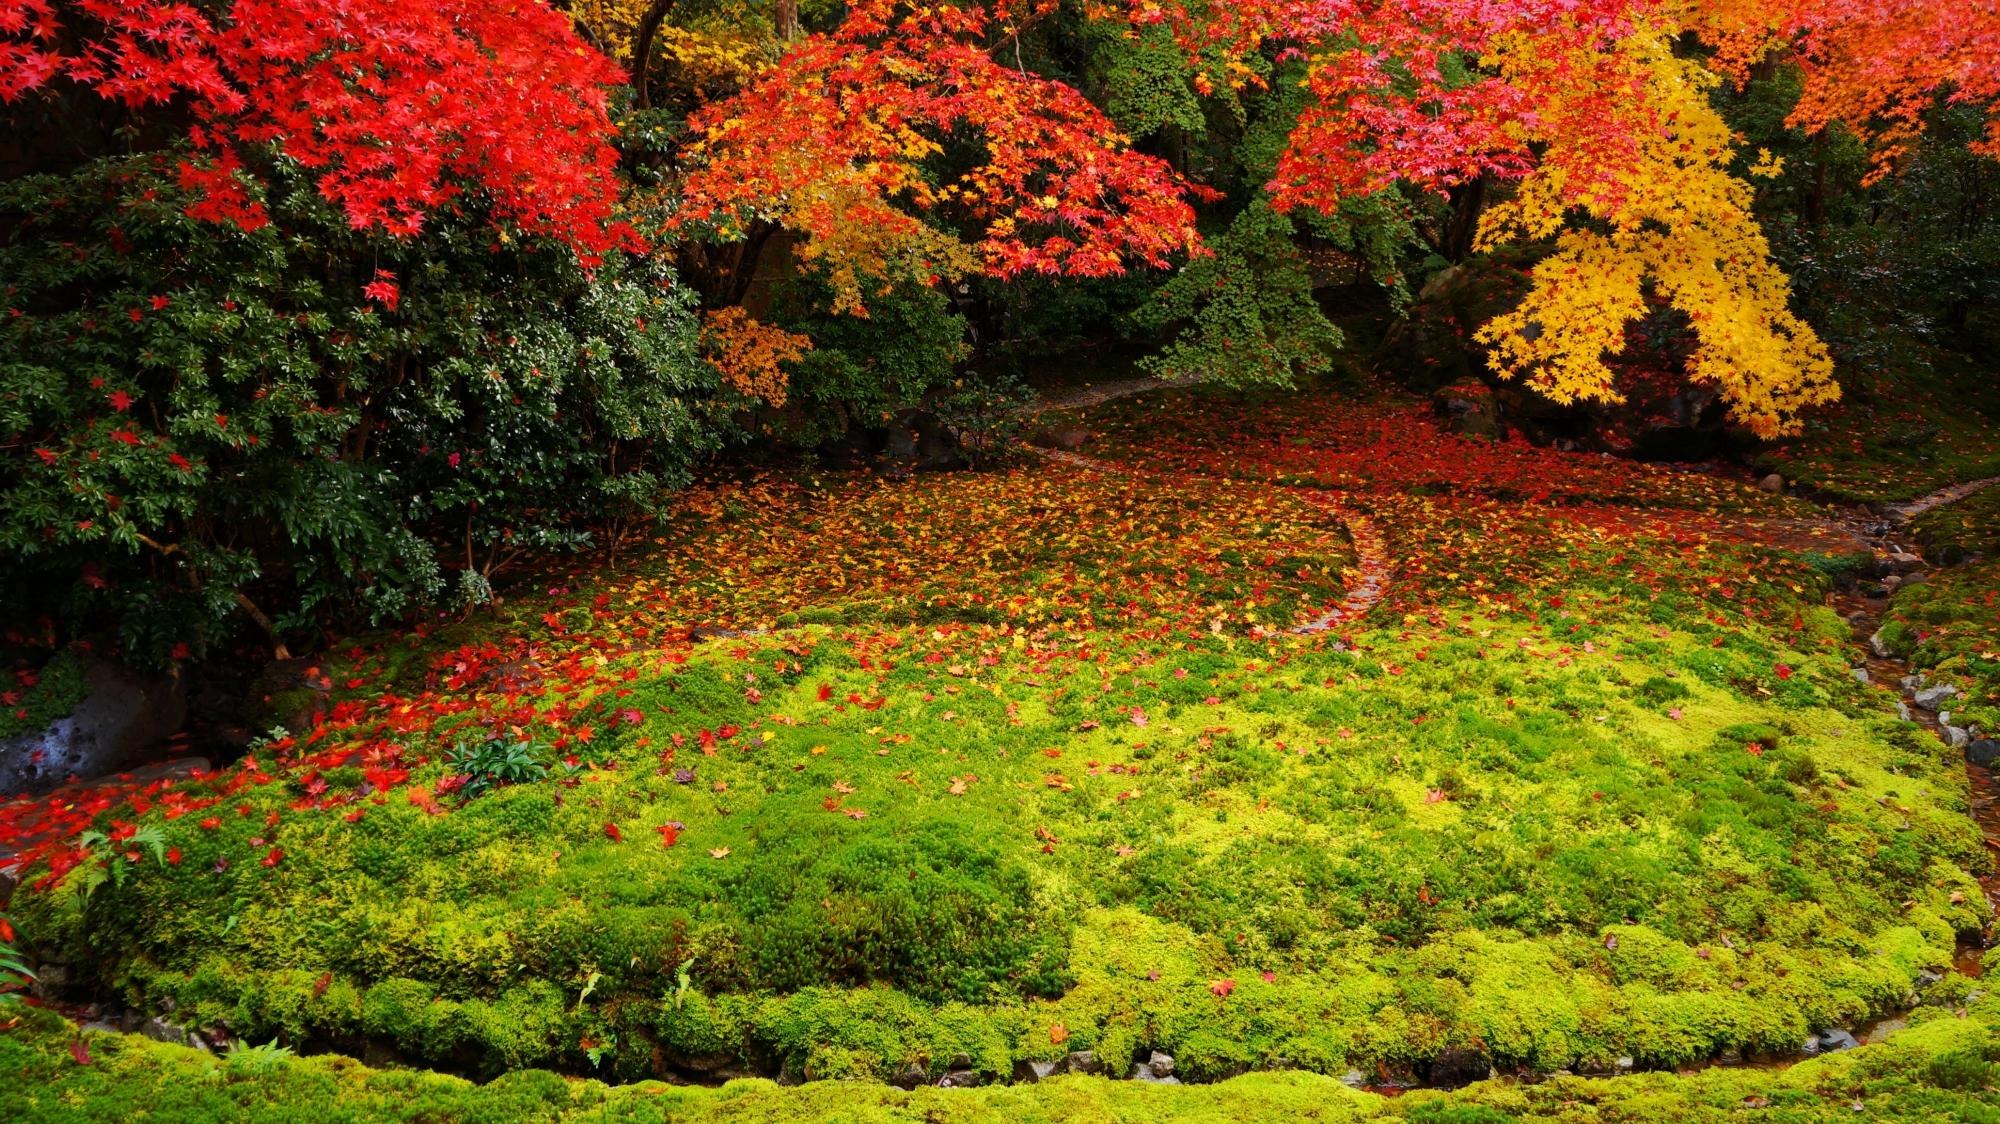 瑠璃の庭の緑の苔と色とりどりの紅葉とのコントラスト